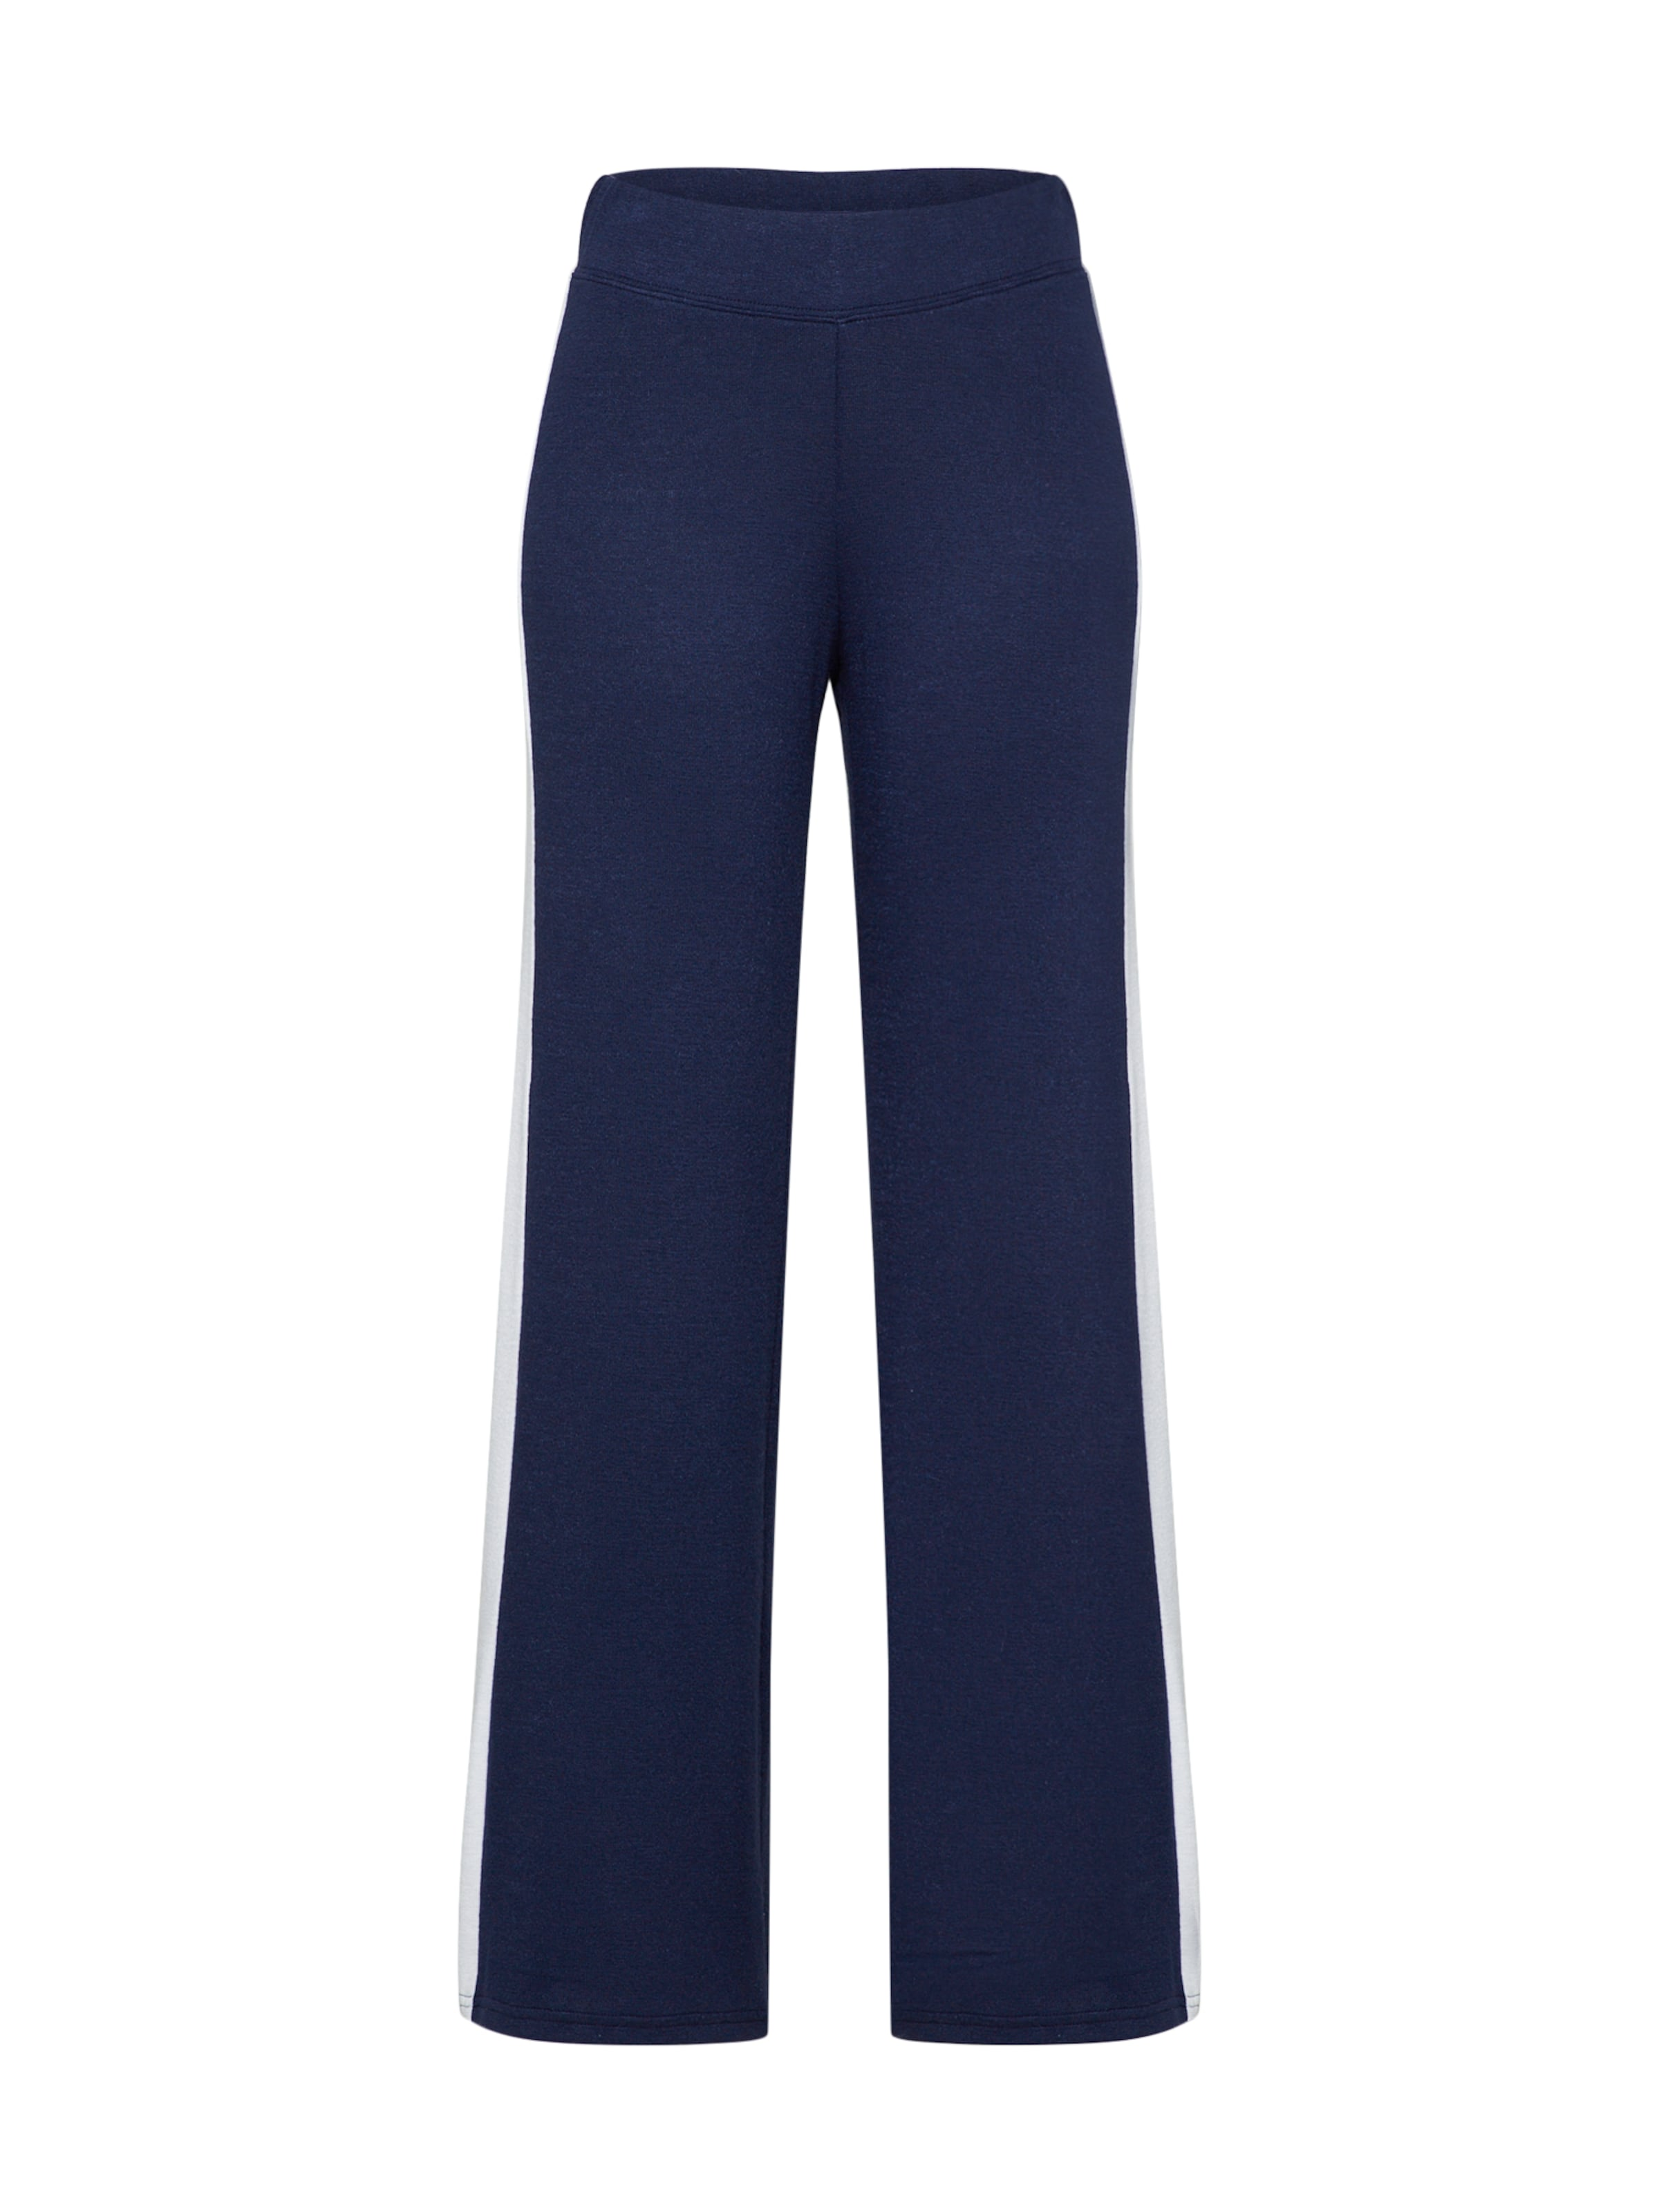 En Marine Gap Gap Gap En Bleu Bleu Pantalon Pantalon Pantalon Marine Py0m8nwvNO